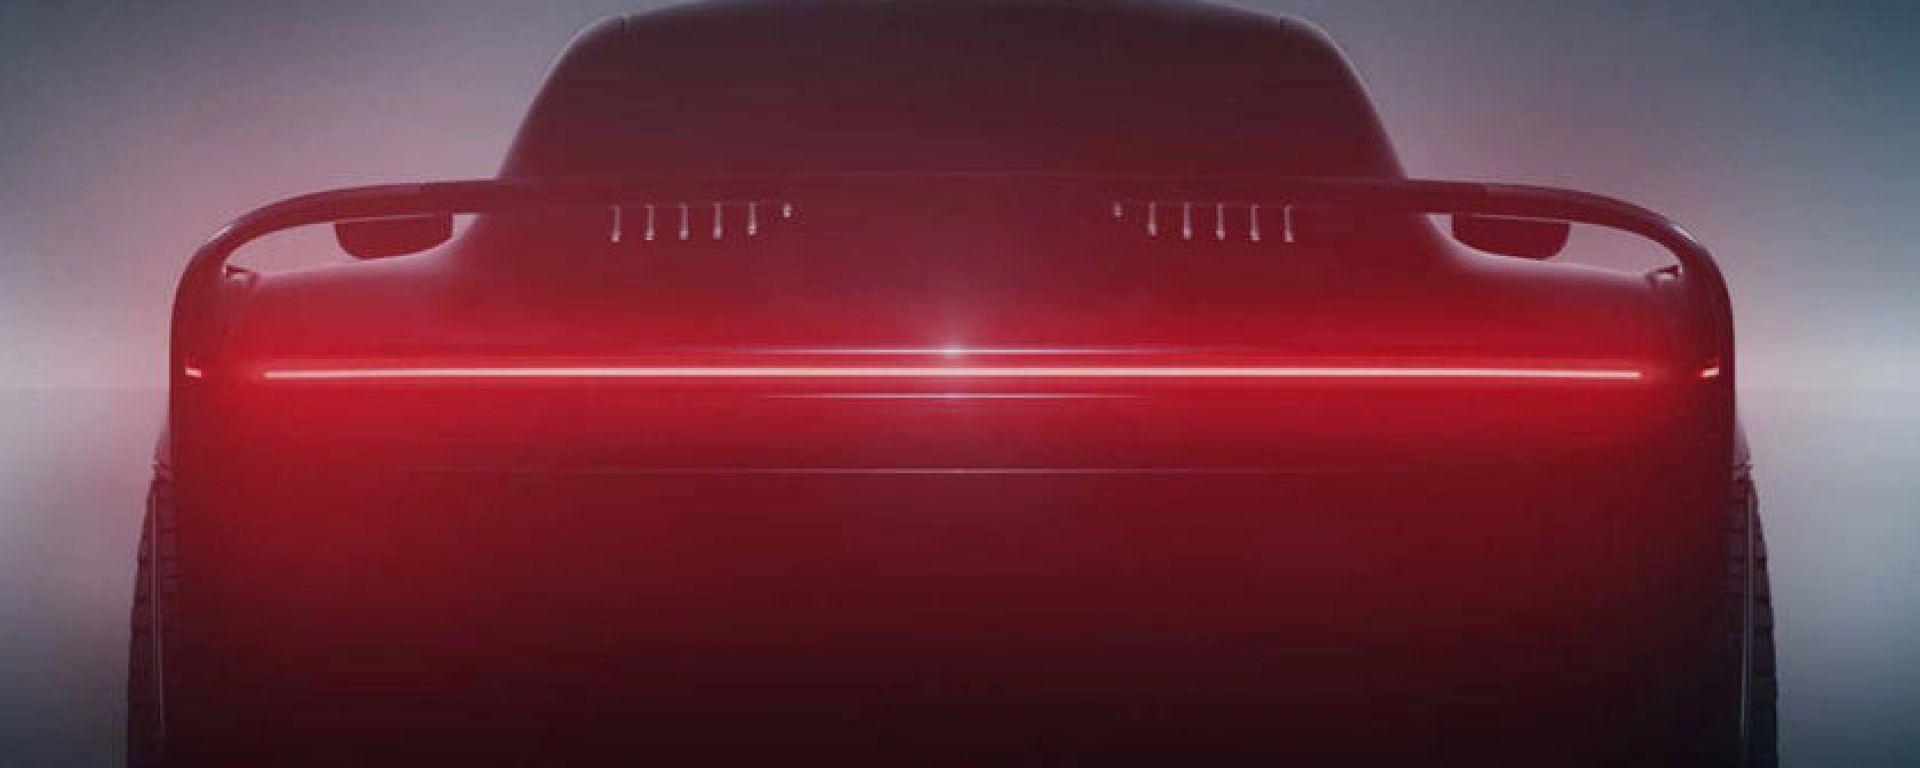 La nuova Porsche ispirata alla 959 di Gemballa: il posteriore